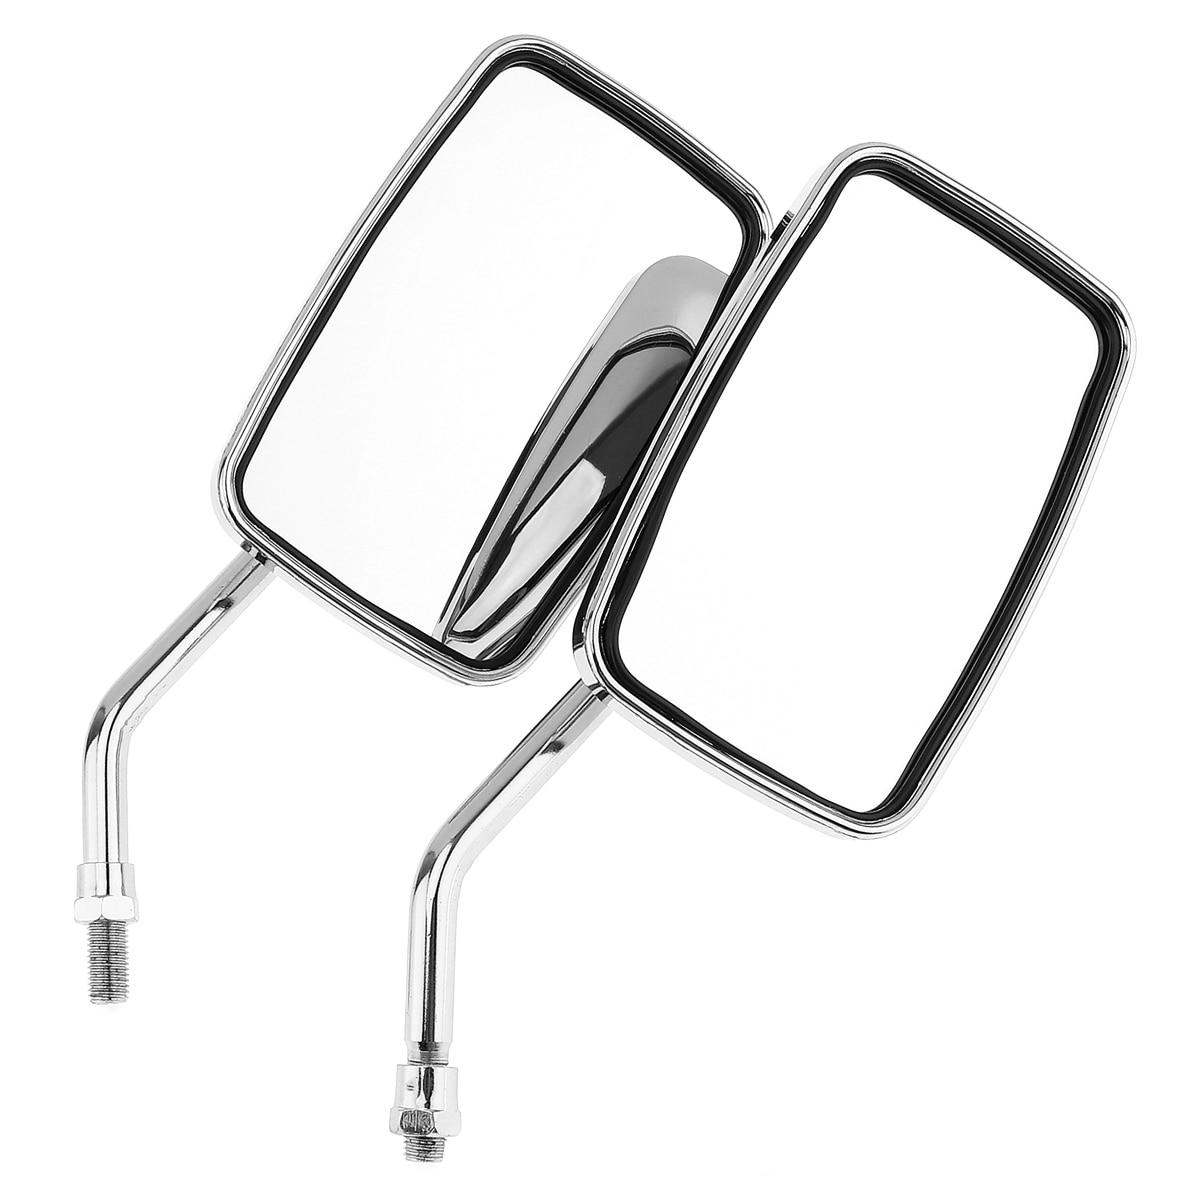 2 stücke Universal 10mm Geändert Überzogene Universal Motorrad Lenkerspiegelhalterung Motorrad Aussenspiegel Weitwinkel Spiegel